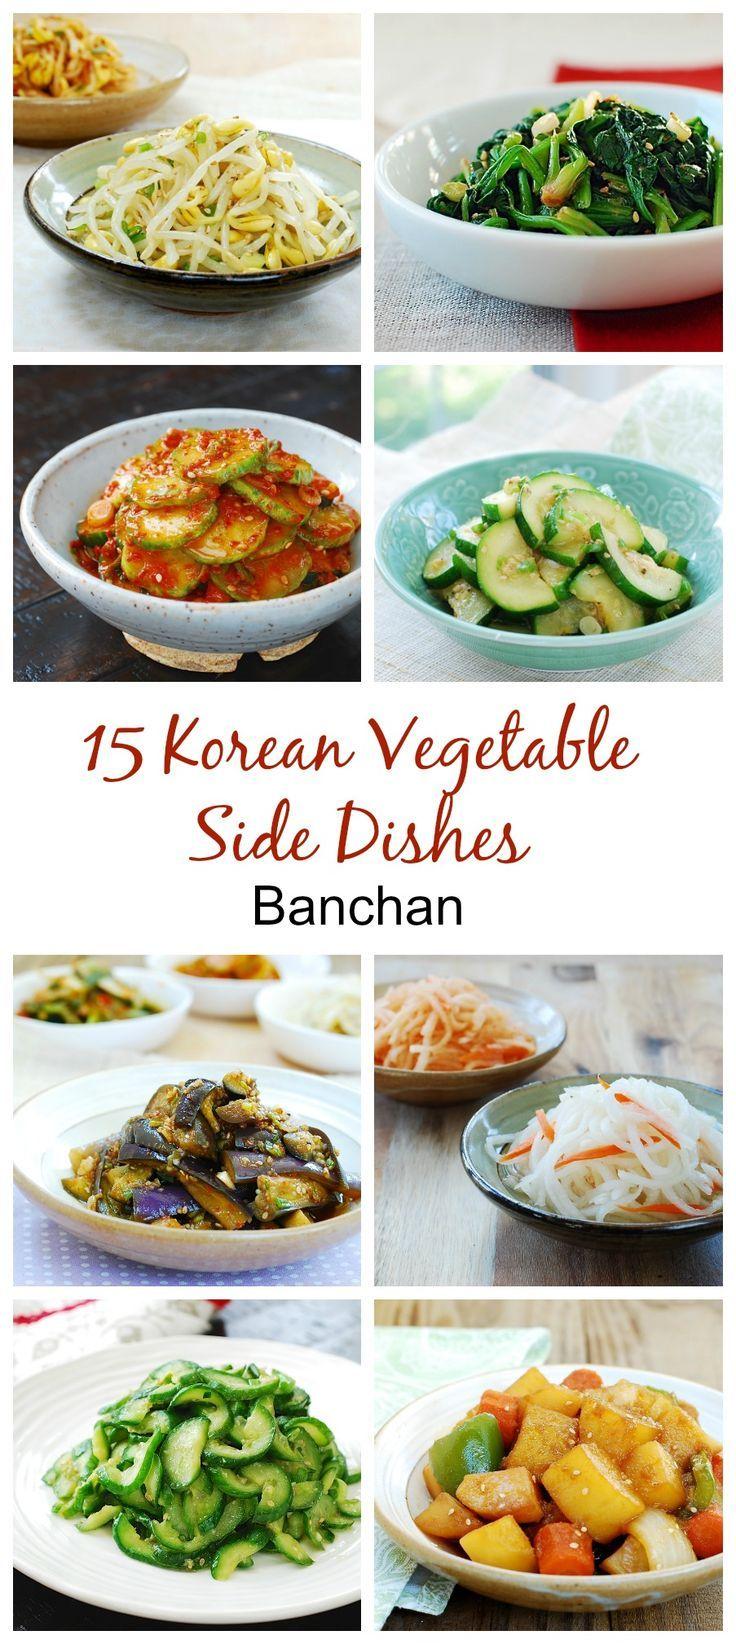 15 Korean Vegetable Side Dishes - Korean Bapsang